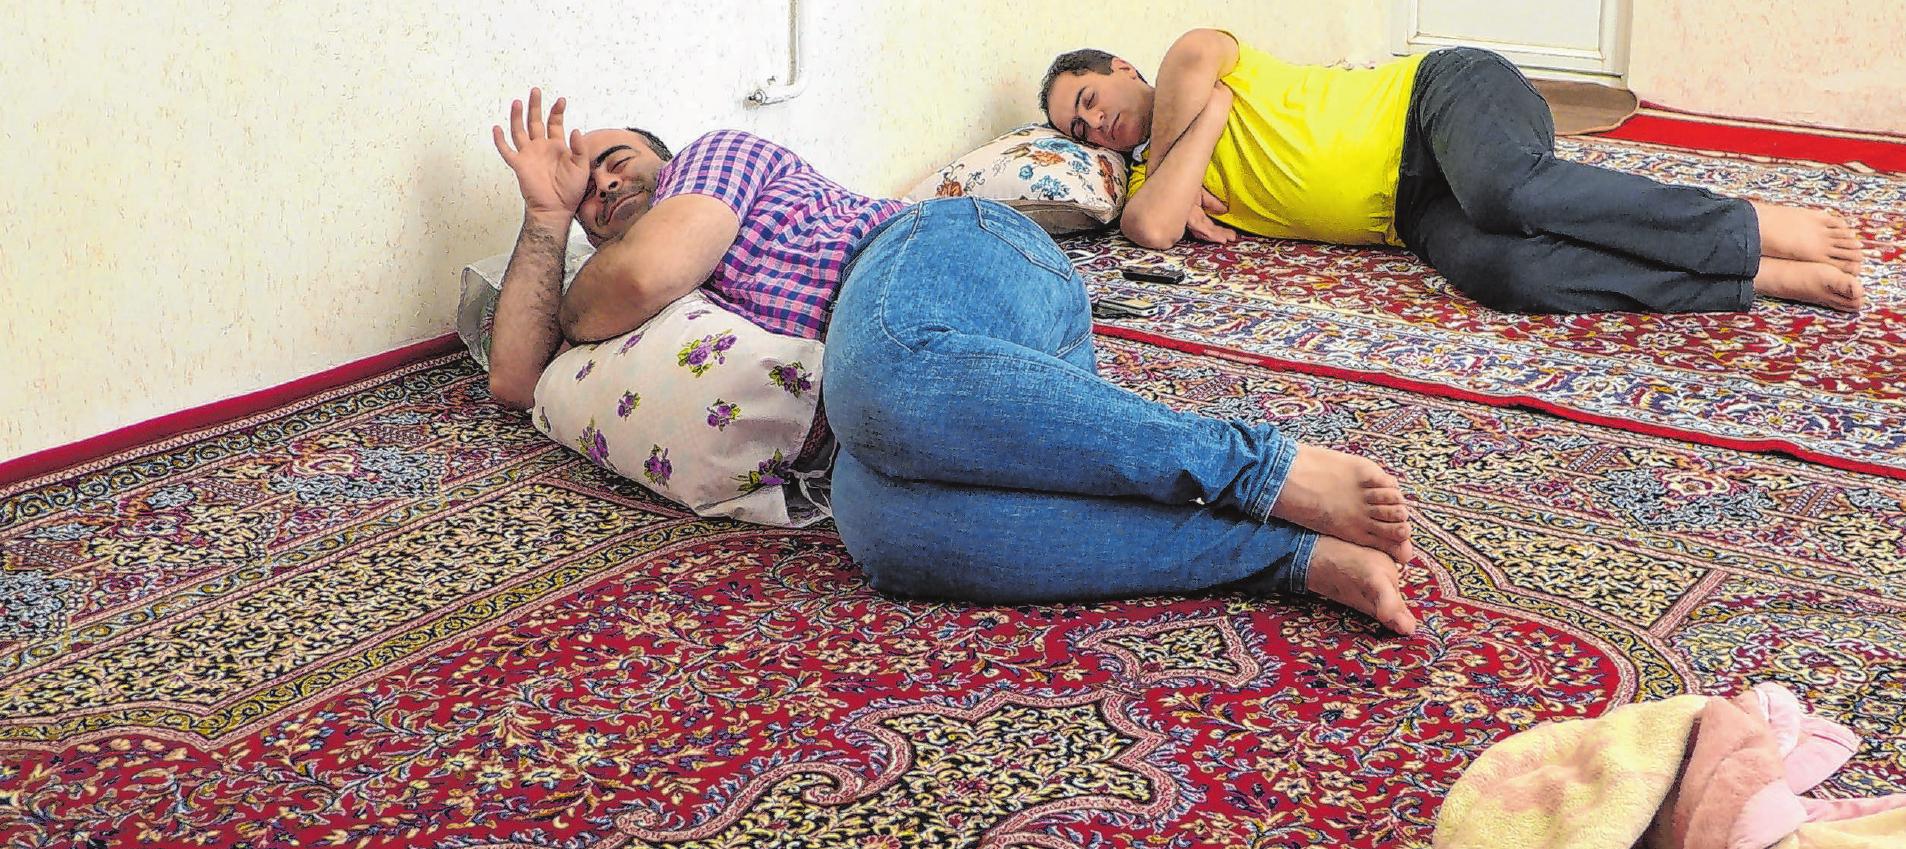 Blick in ein Wohn- und Schlafzimmer im Iran in der Region Lorestan: Nach dem Mittagessen legt man sich für ein Schläfchen hin. Foto: Reza Ranjbar